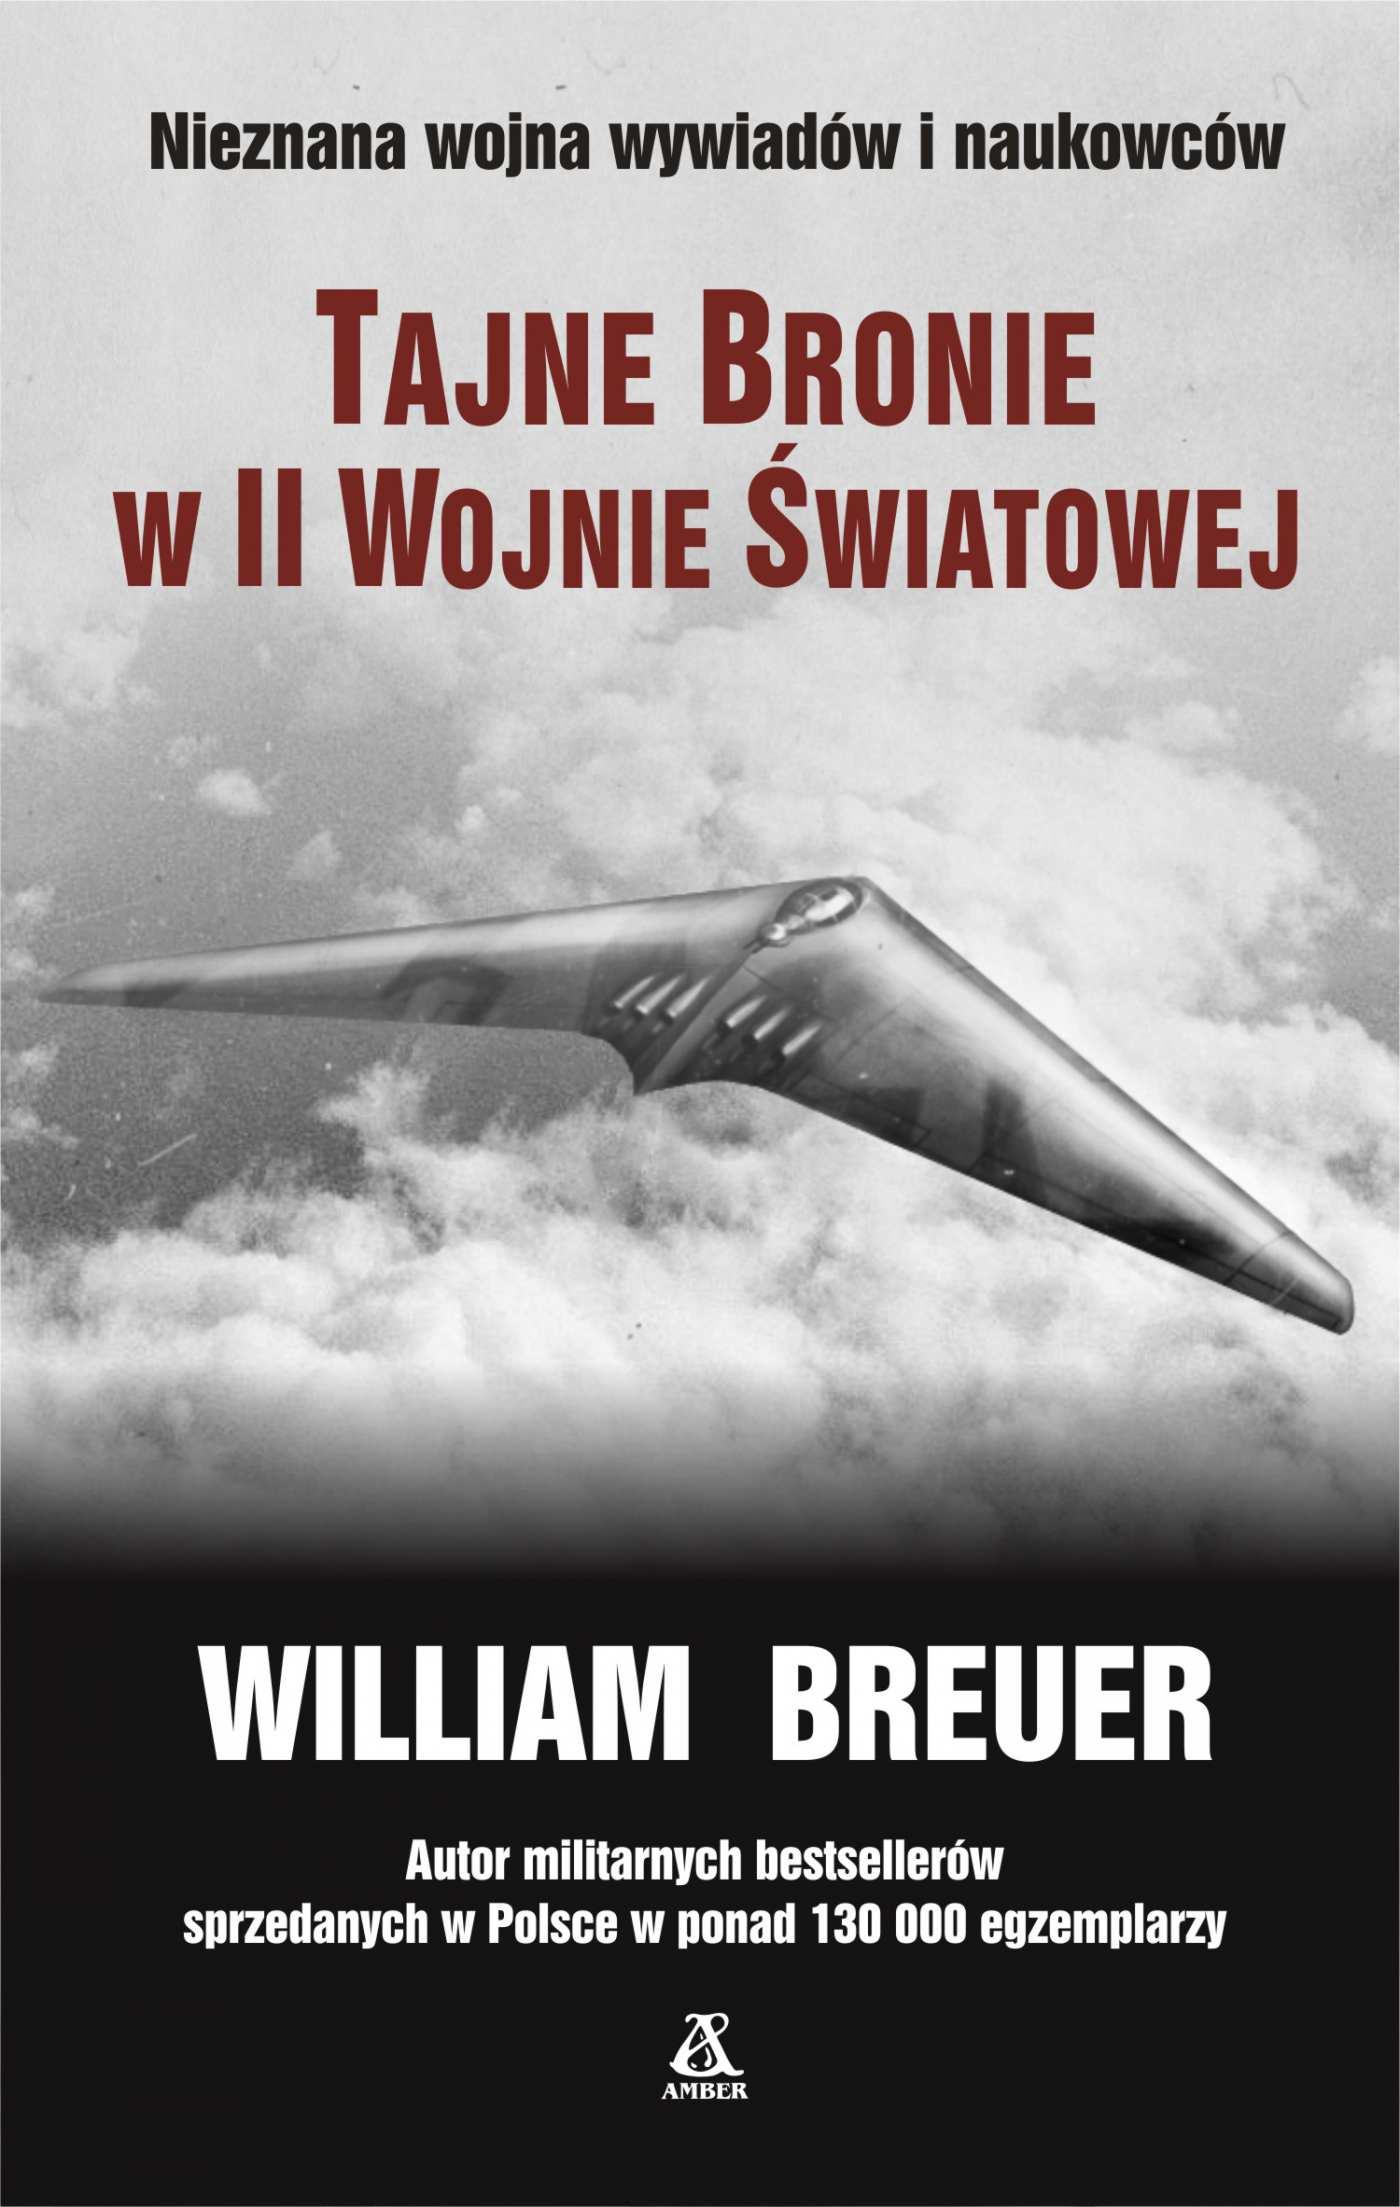 Tajne bronie w II wojnie światowej - Ebook (Książka EPUB) do pobrania w formacie EPUB